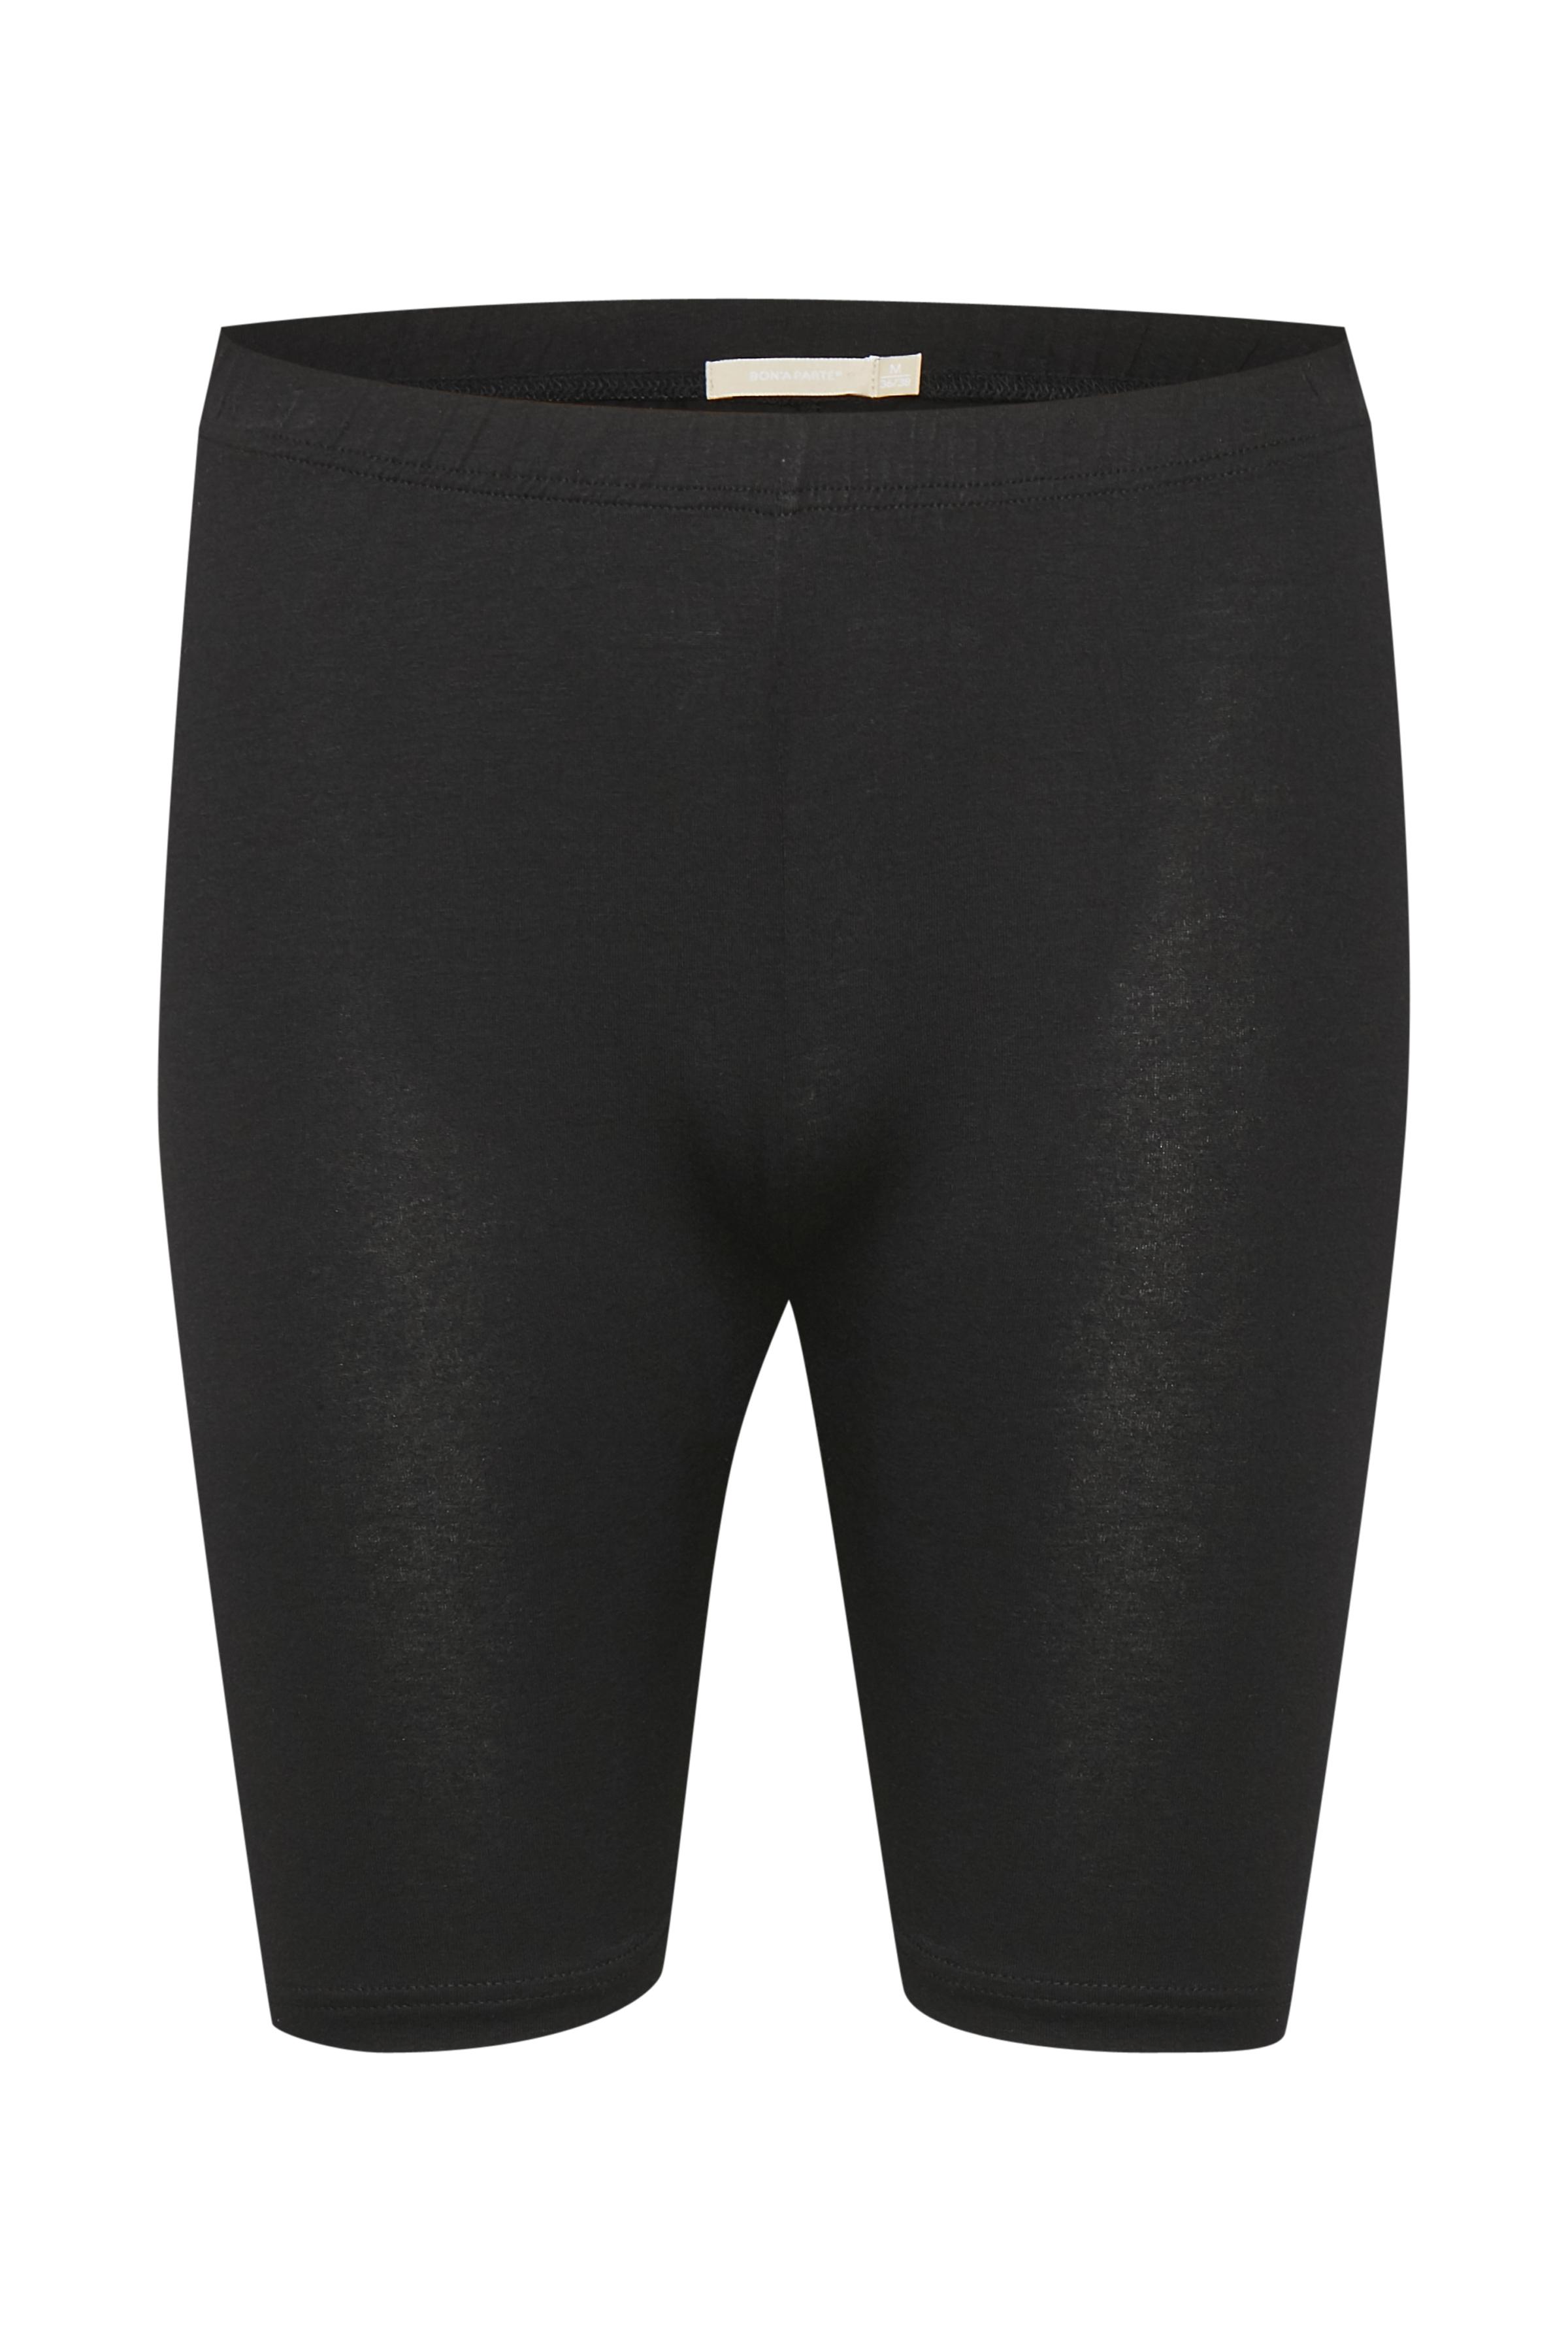 Sort Shorts fra Bon'A Parte – Køb Sort Shorts fra str. S-XXL her